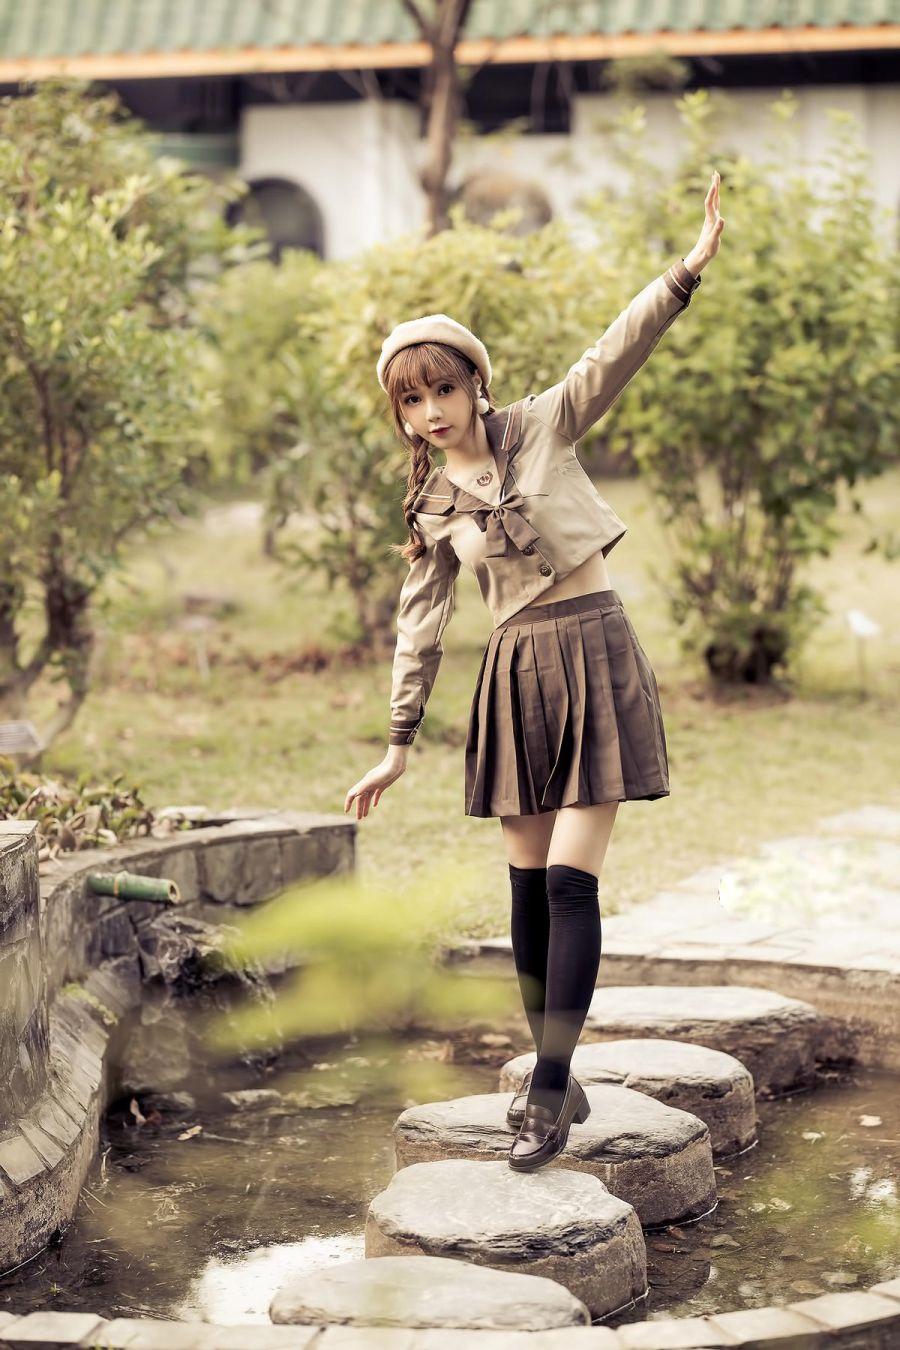 日系风超甜超可爱的邻家妹子